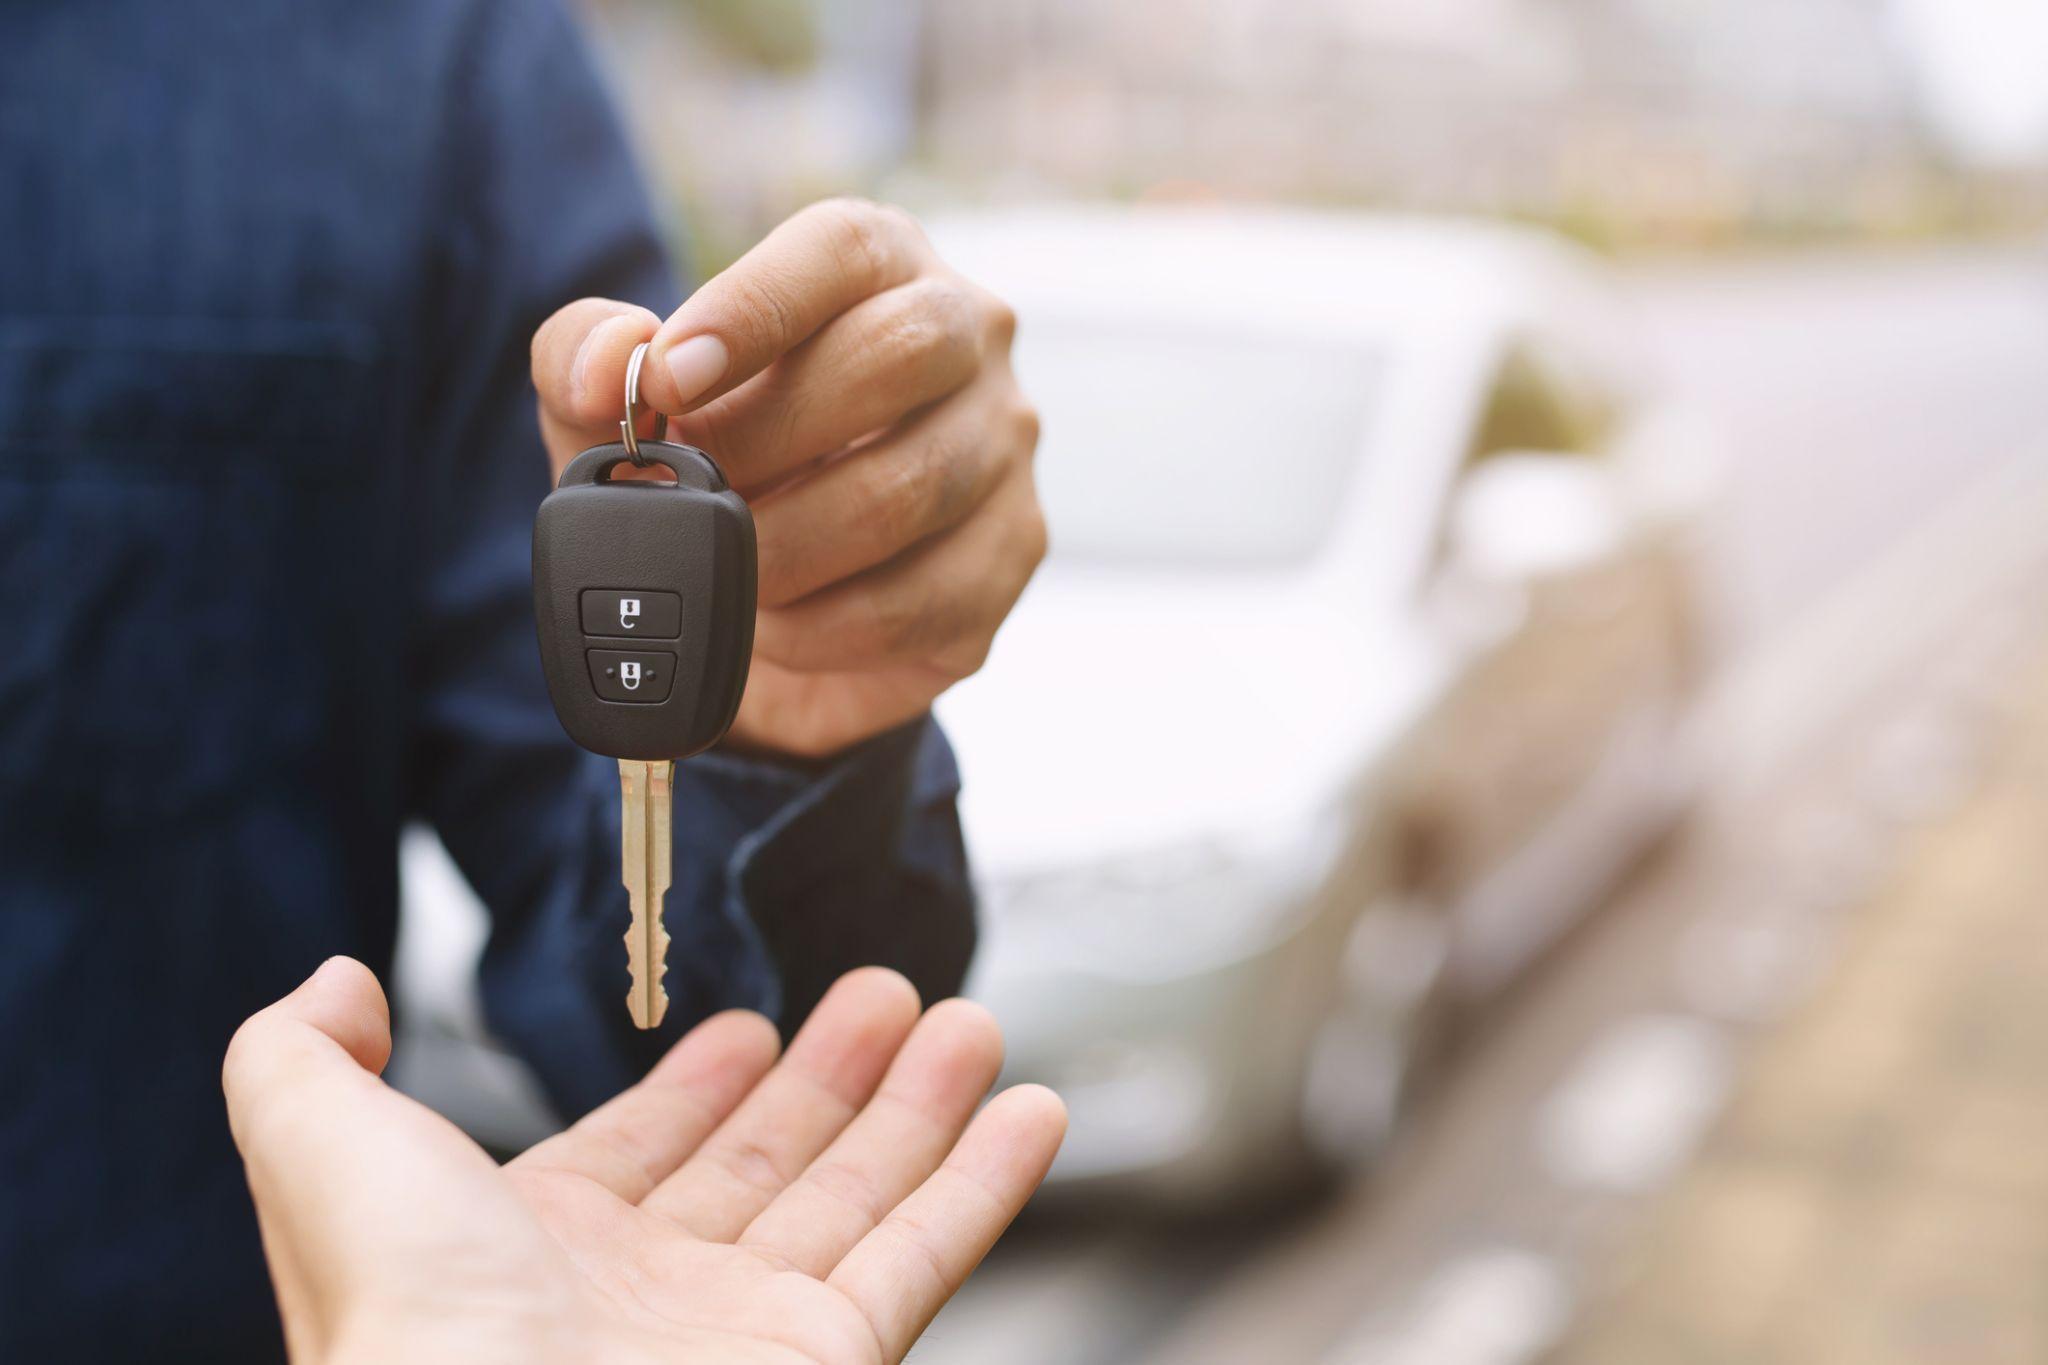 Transferência de carros agora pode ser feita por aplicativos; entenda como